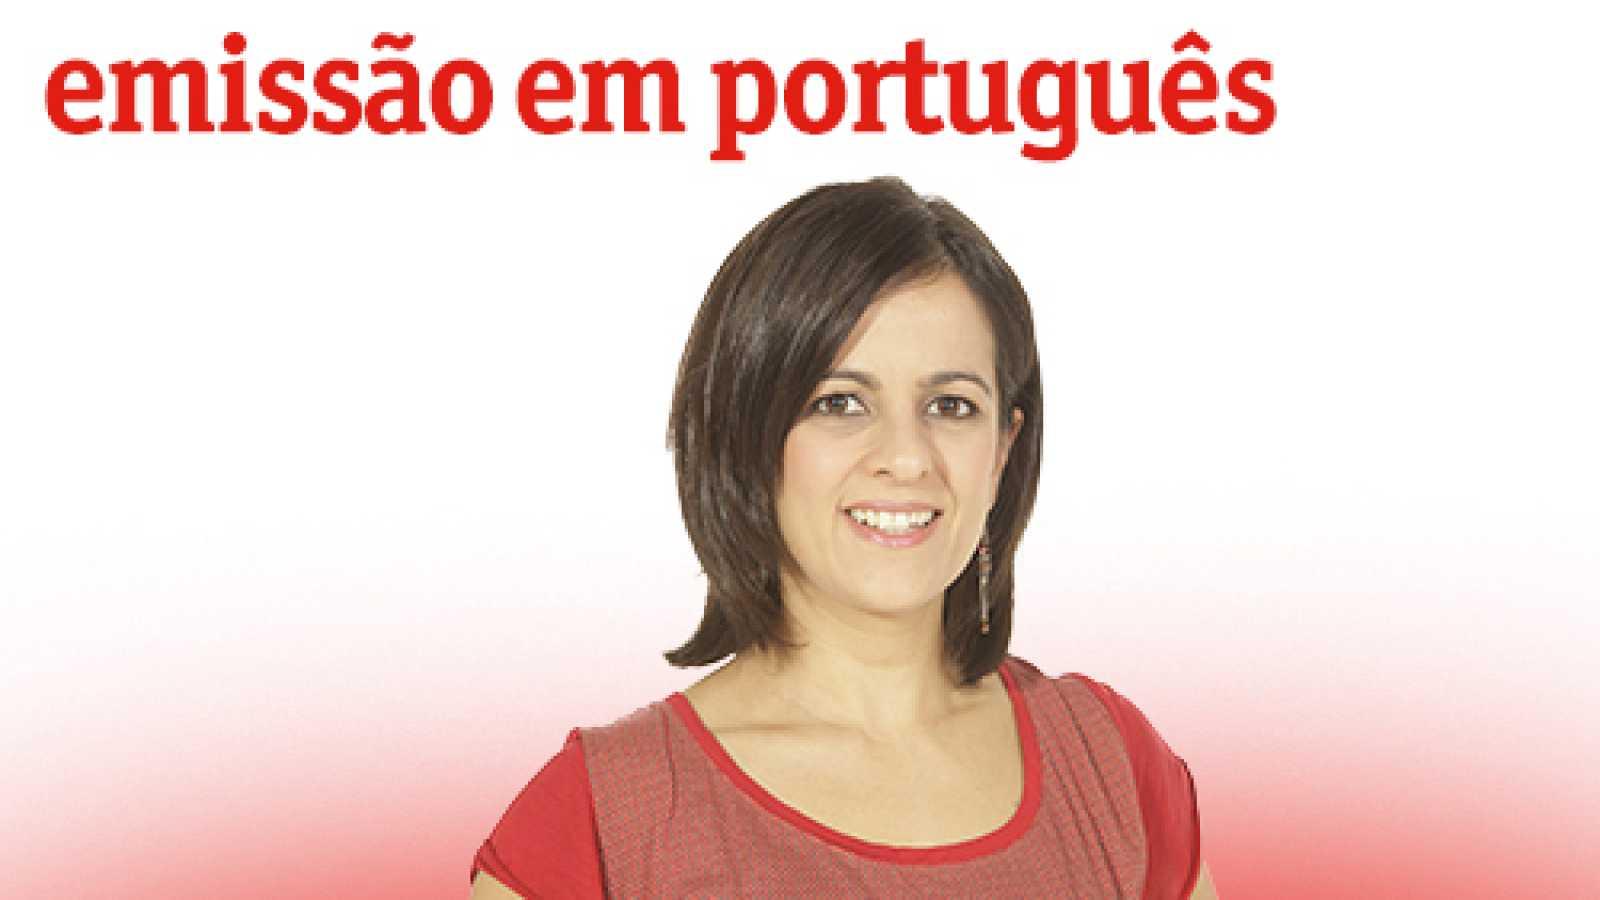 Emissão em português - Acordo UE-Mercosul depende de mudança em agenda ambiental - 13/10/20 - escuchar ahora